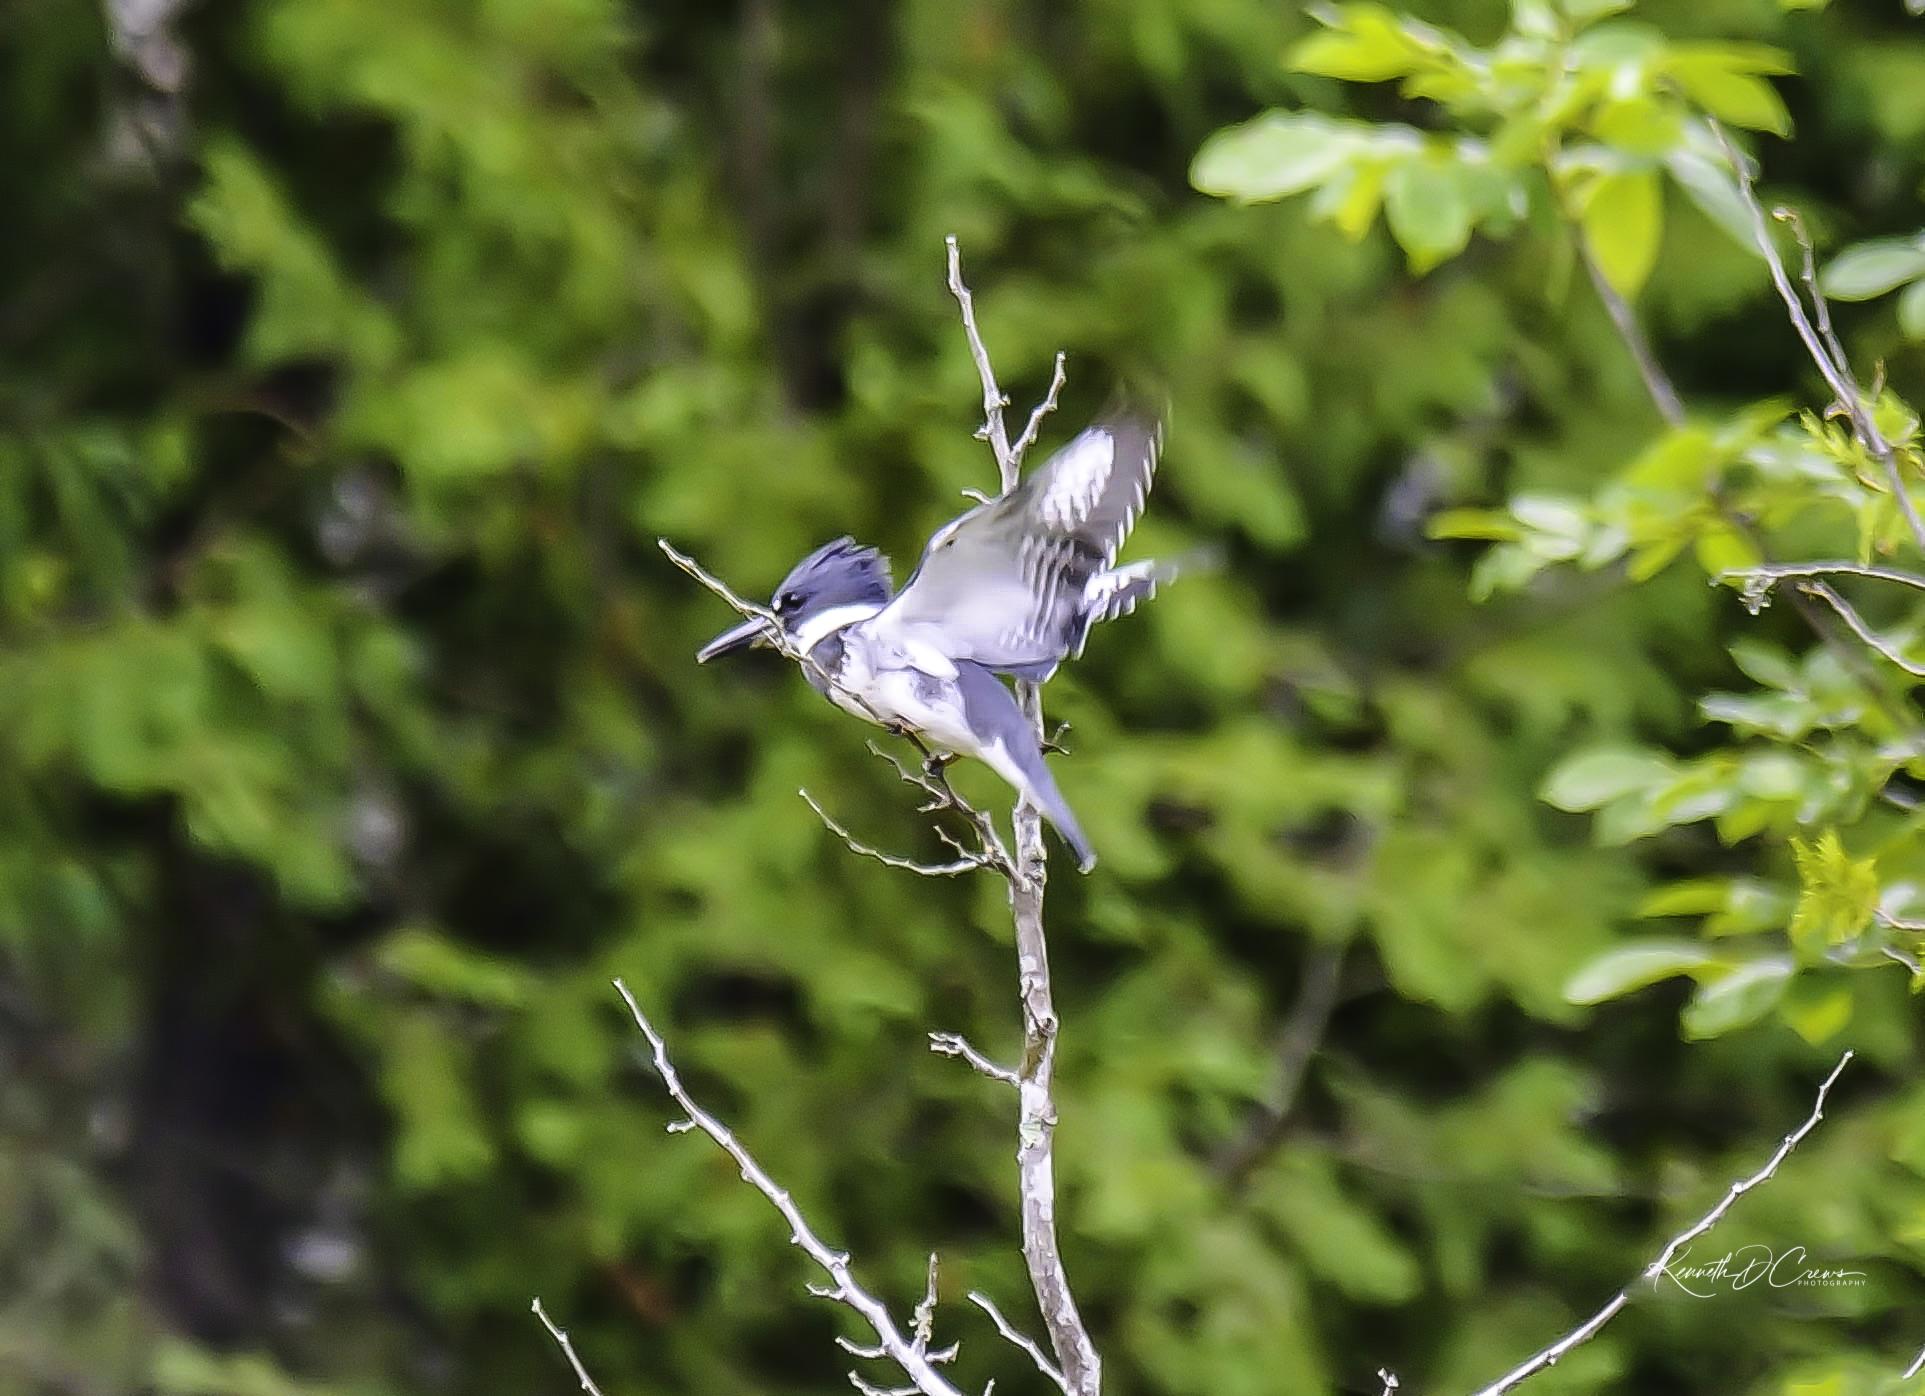 Kingfisher1-1